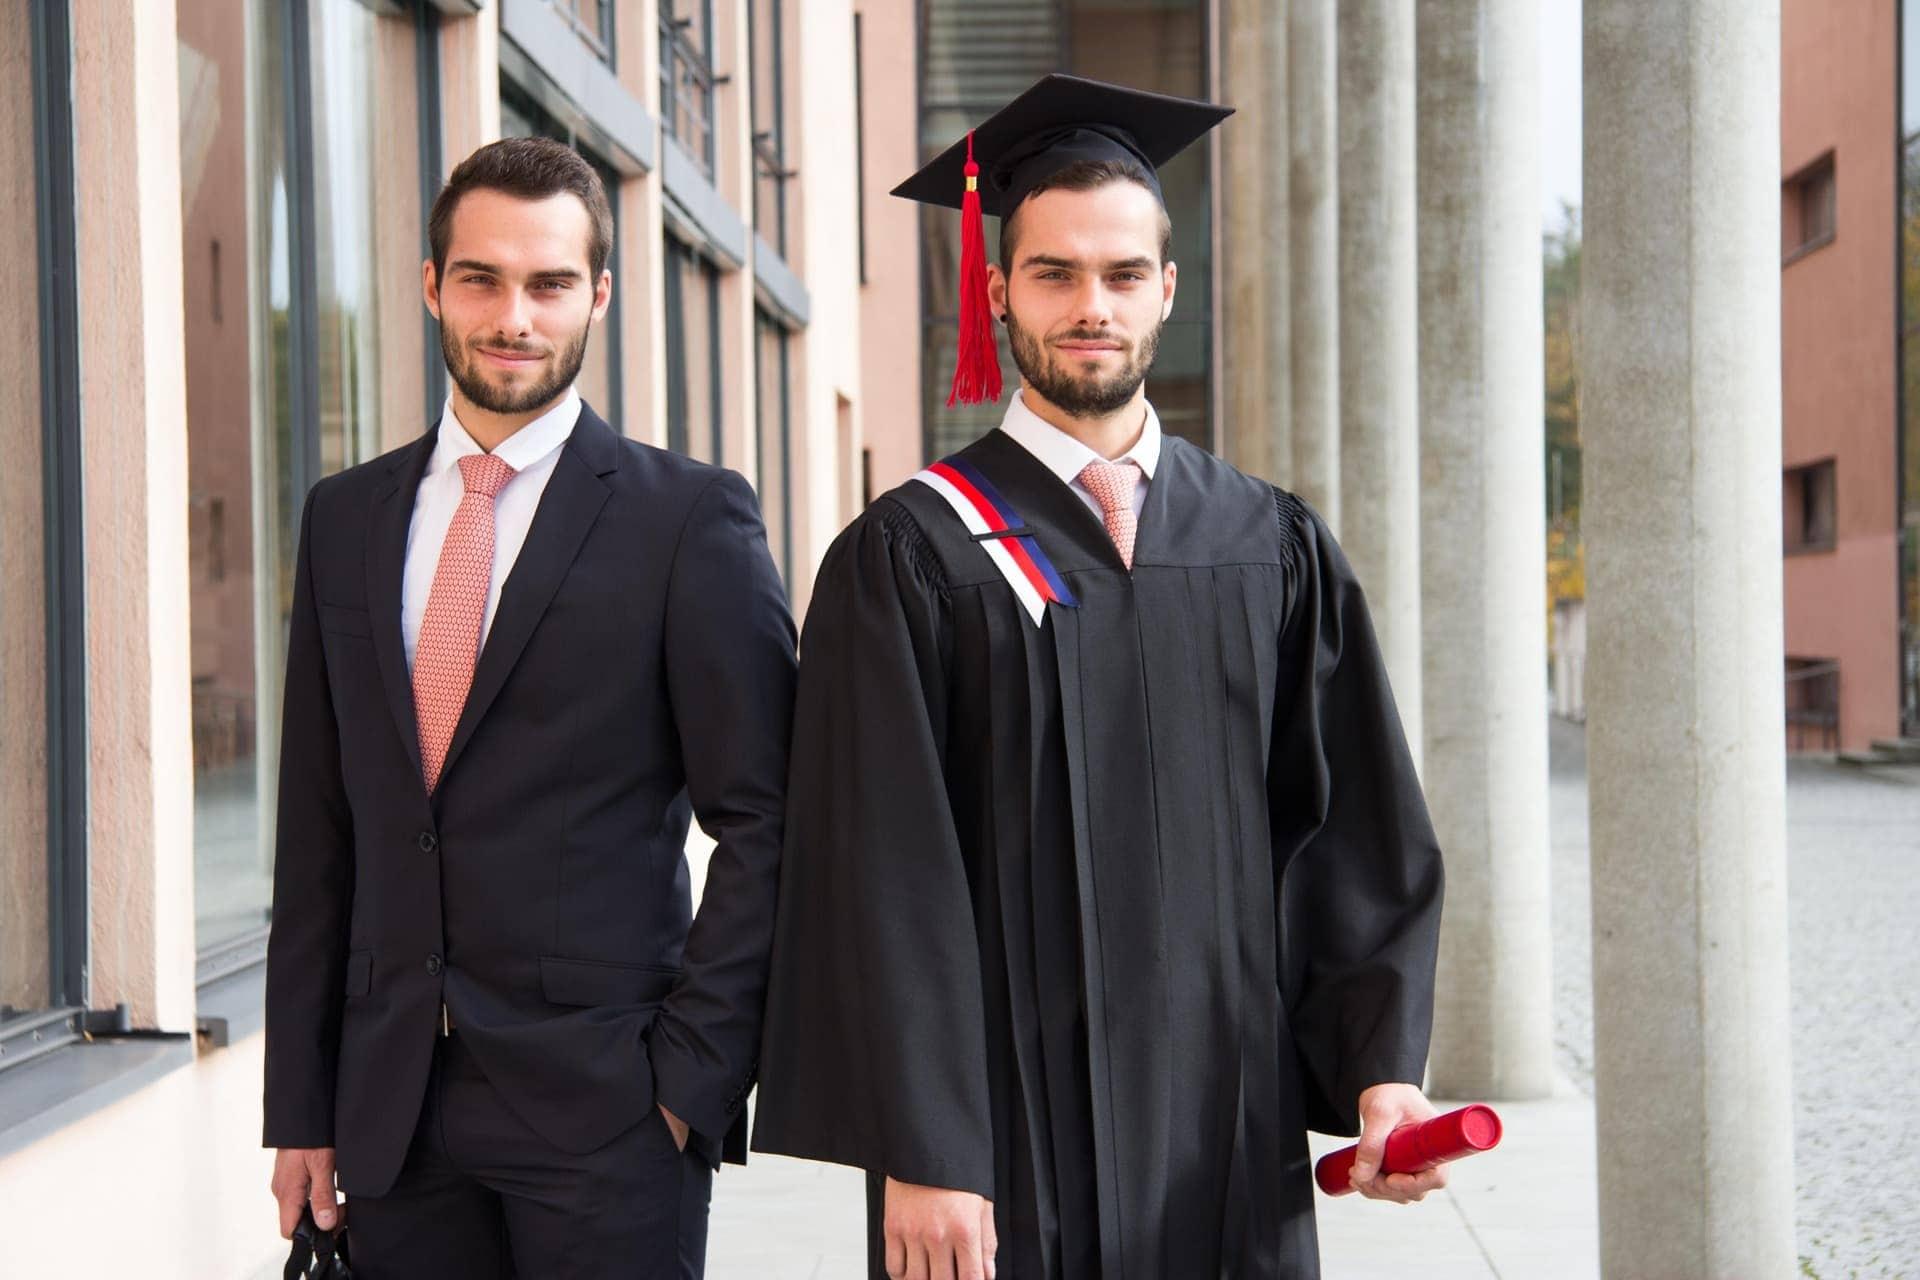 Weiterbildung an der Technischen Hochschule Deggendorf Neue berufsbegleitende Studienangebote